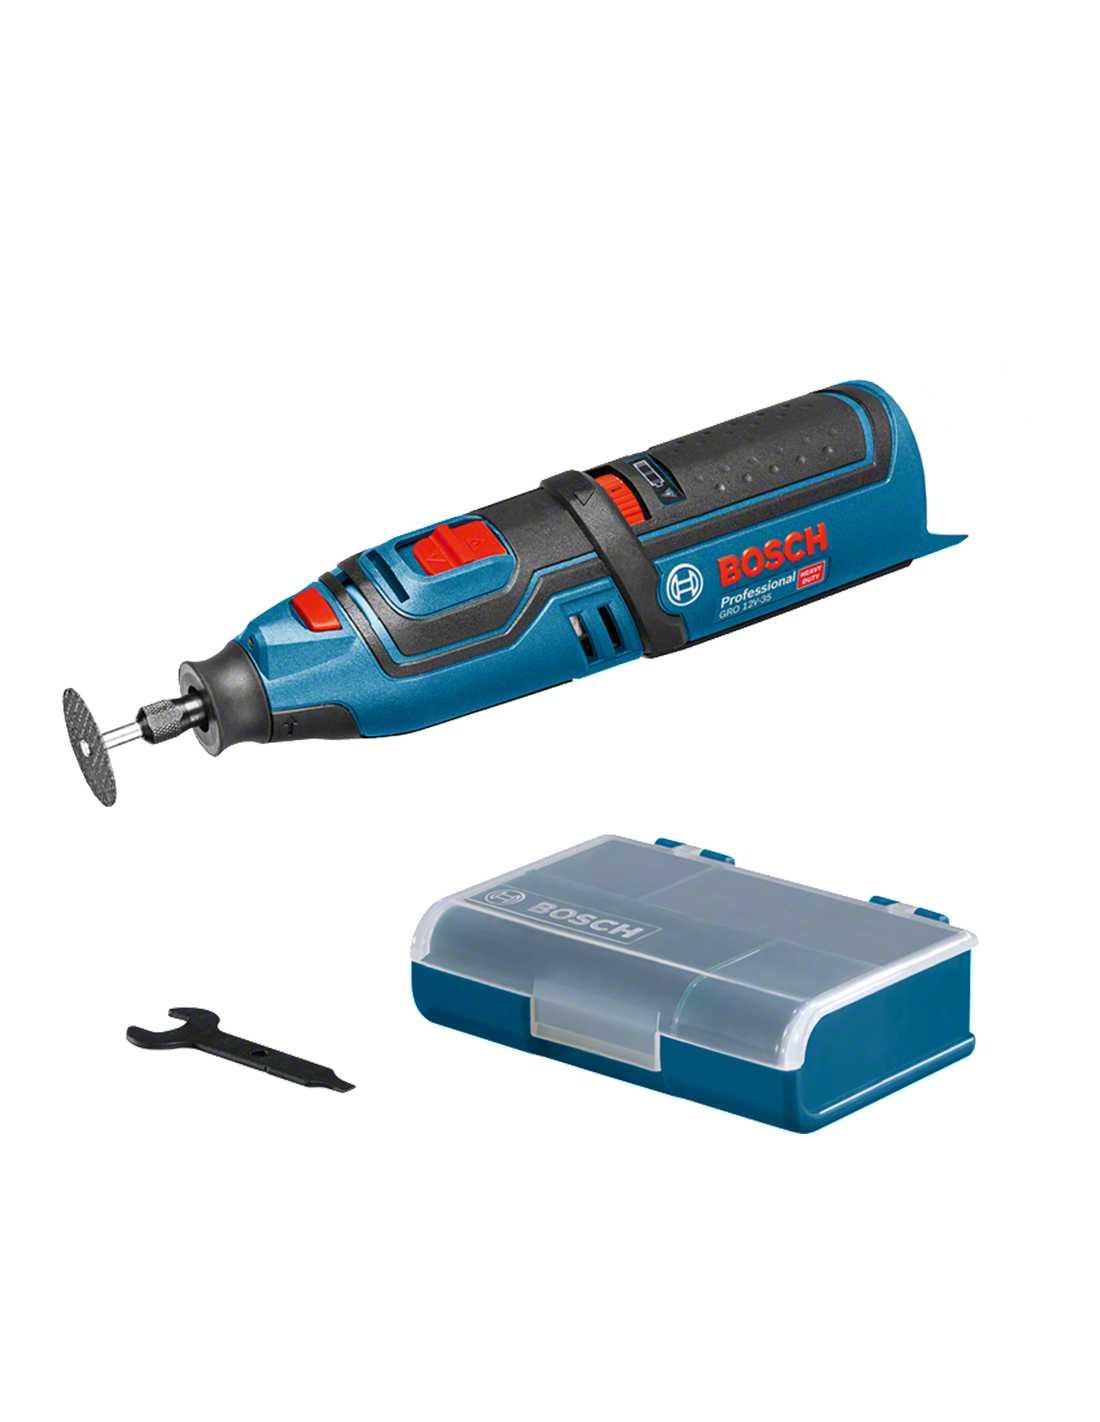 Hootecheu Lot de 12 lames multifonctions pour outil oscillant compatible avec Dewalt Makita Dewalt Bosch Lupo